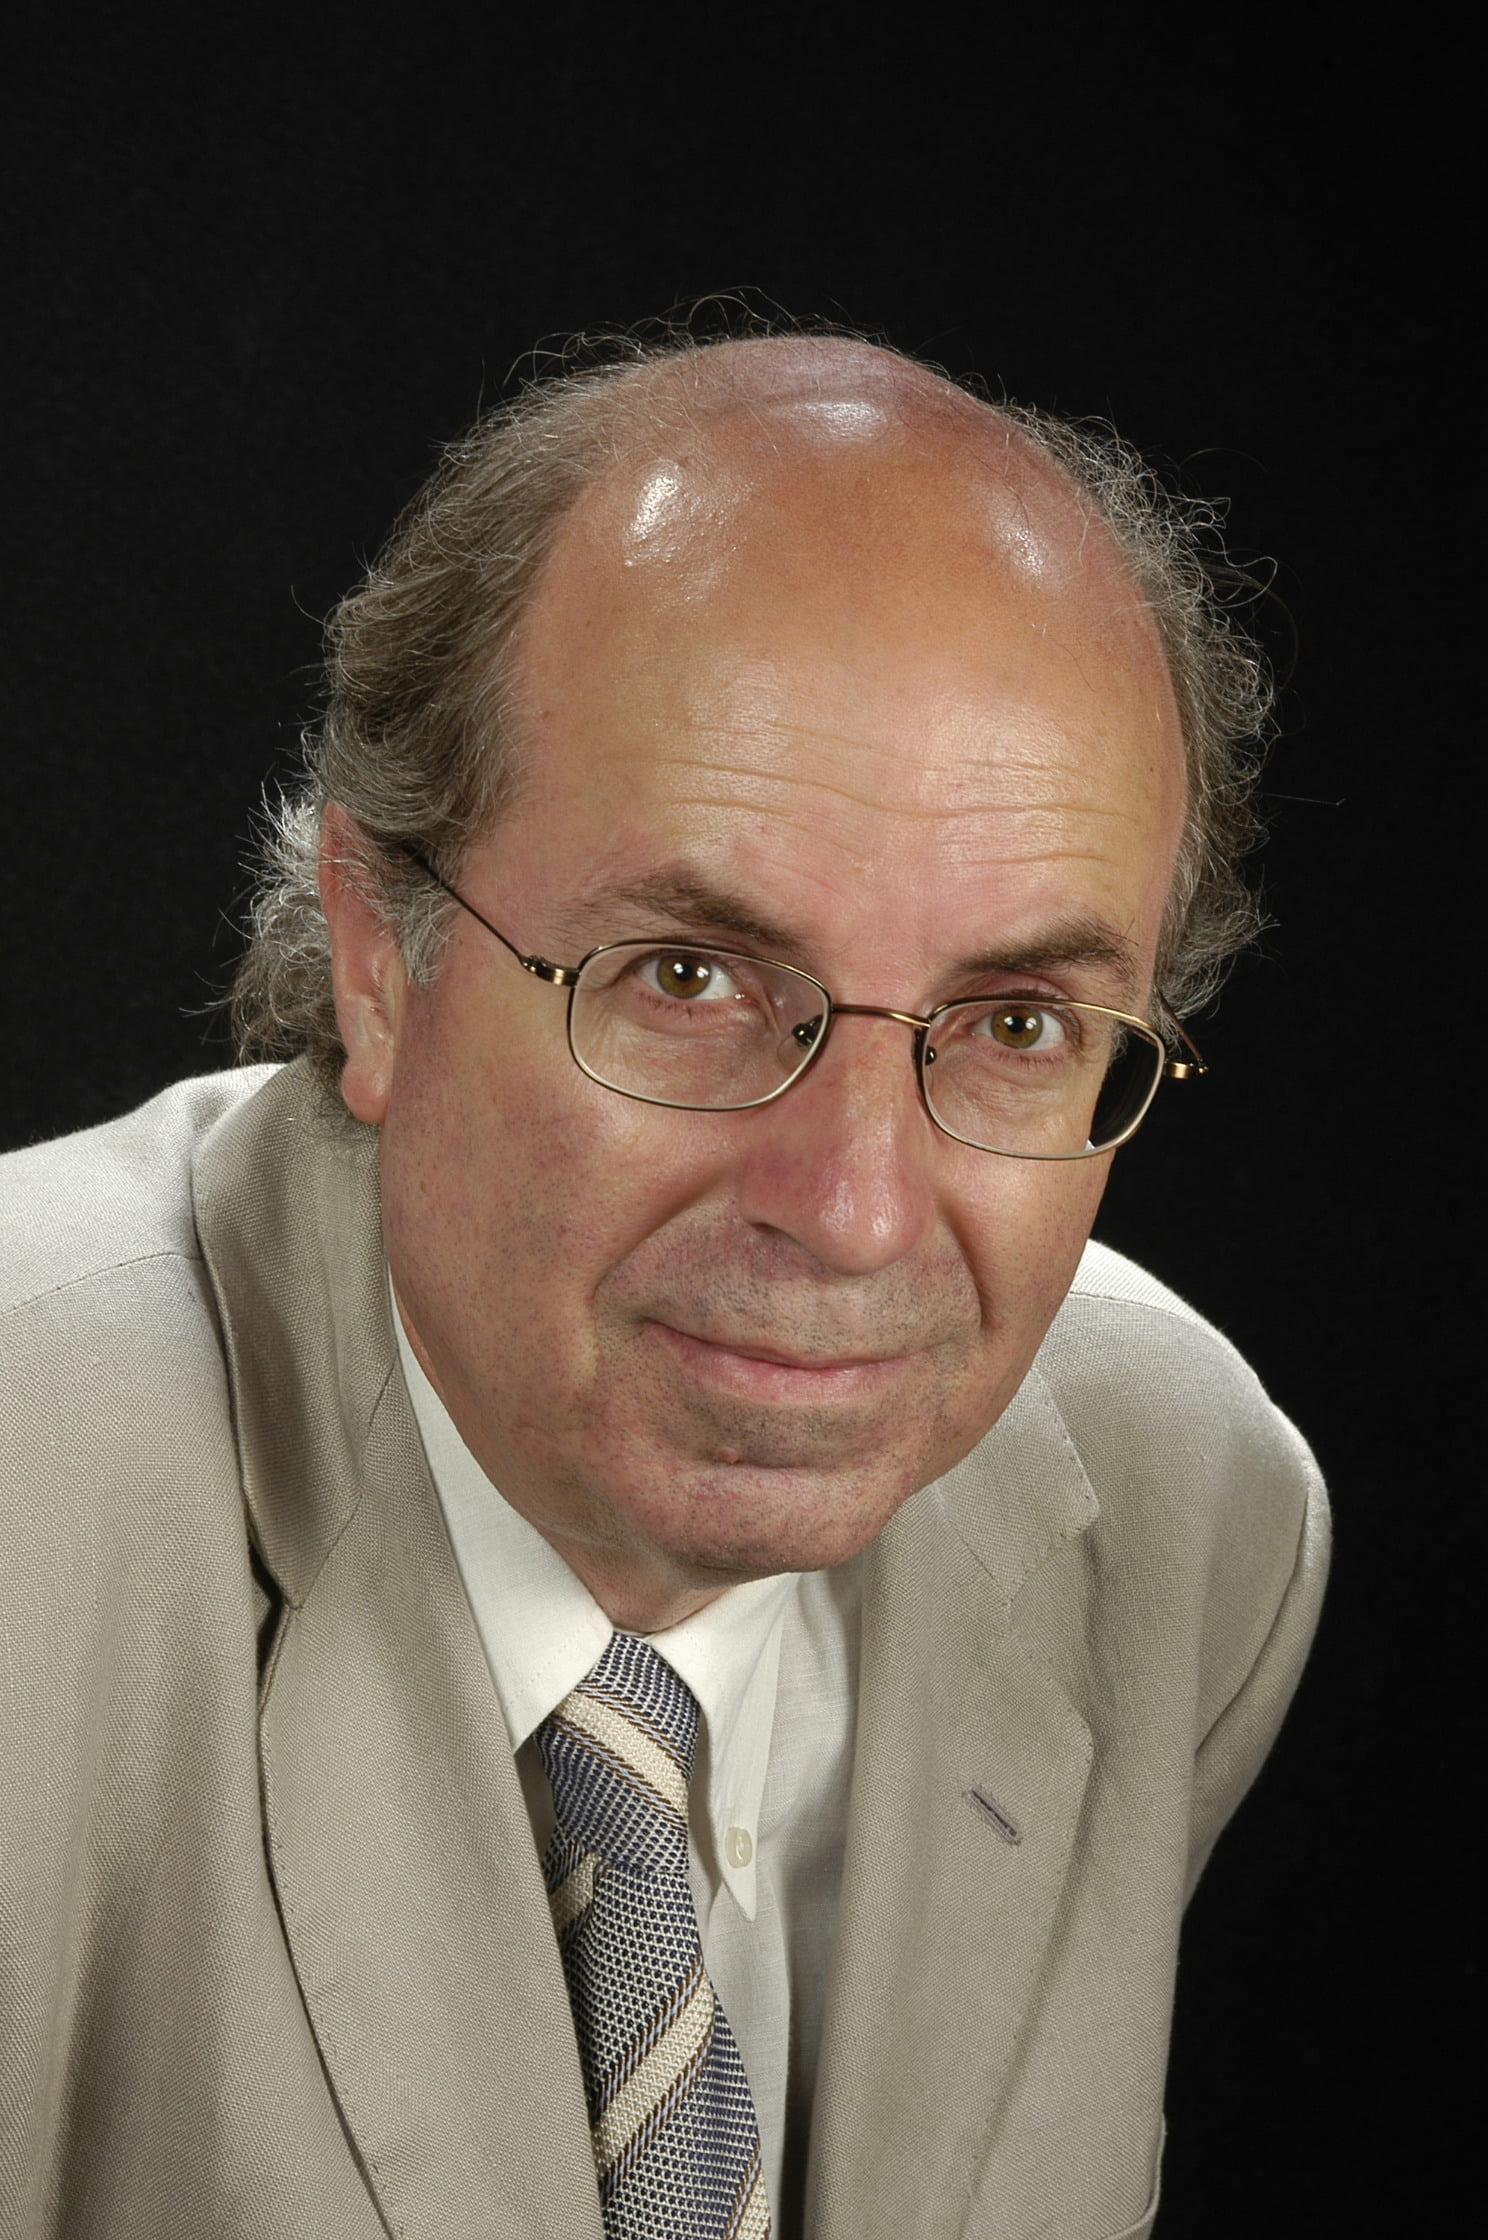 Dr. Jordi Camí Morell